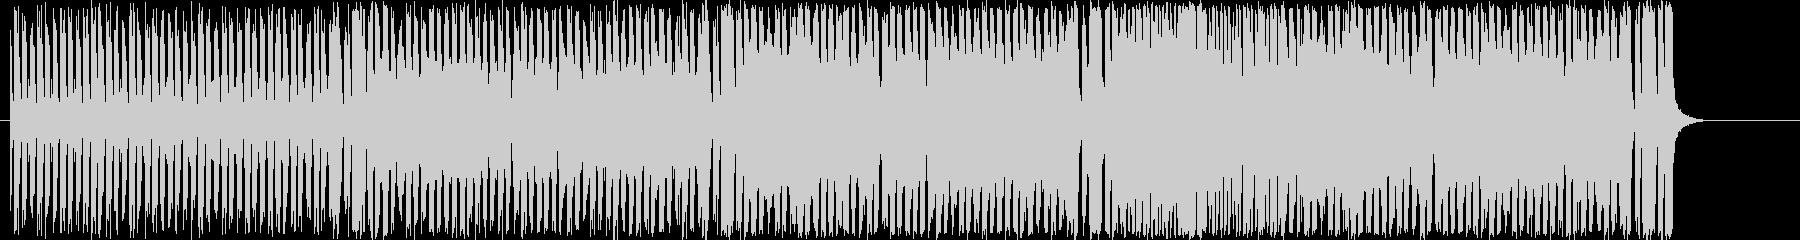 スピード感のある2管フロントのジャズの未再生の波形